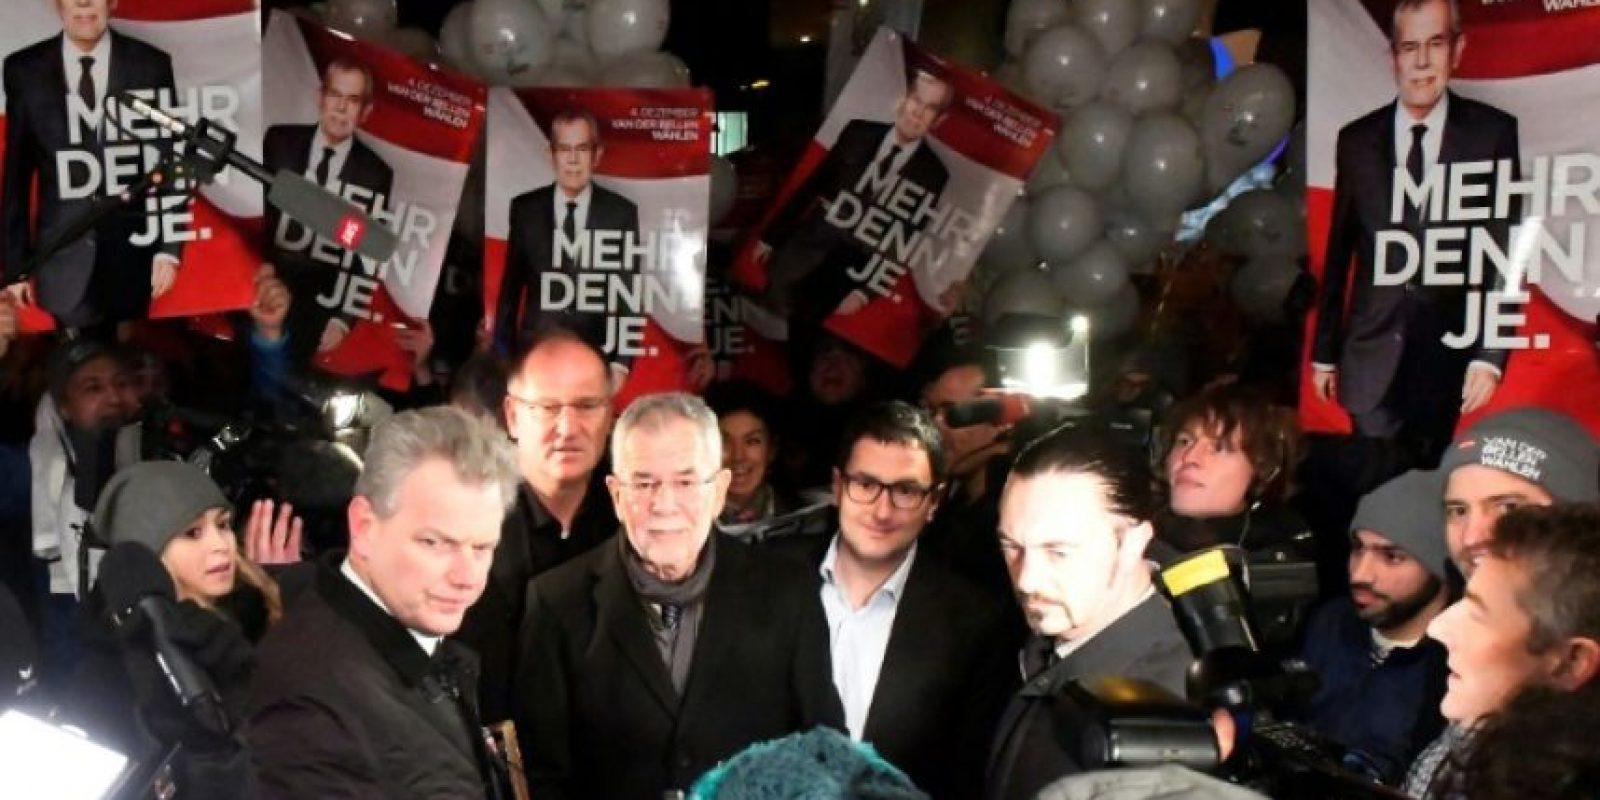 El candidato presidencial austriaco por los Verdes, Alexander van der Bellen (C), antes de un debate televisivo con su contrincante Norber Hofer en Viena, el 27 de noviembre de 2016 Foto:Joe Klamar/afp.com